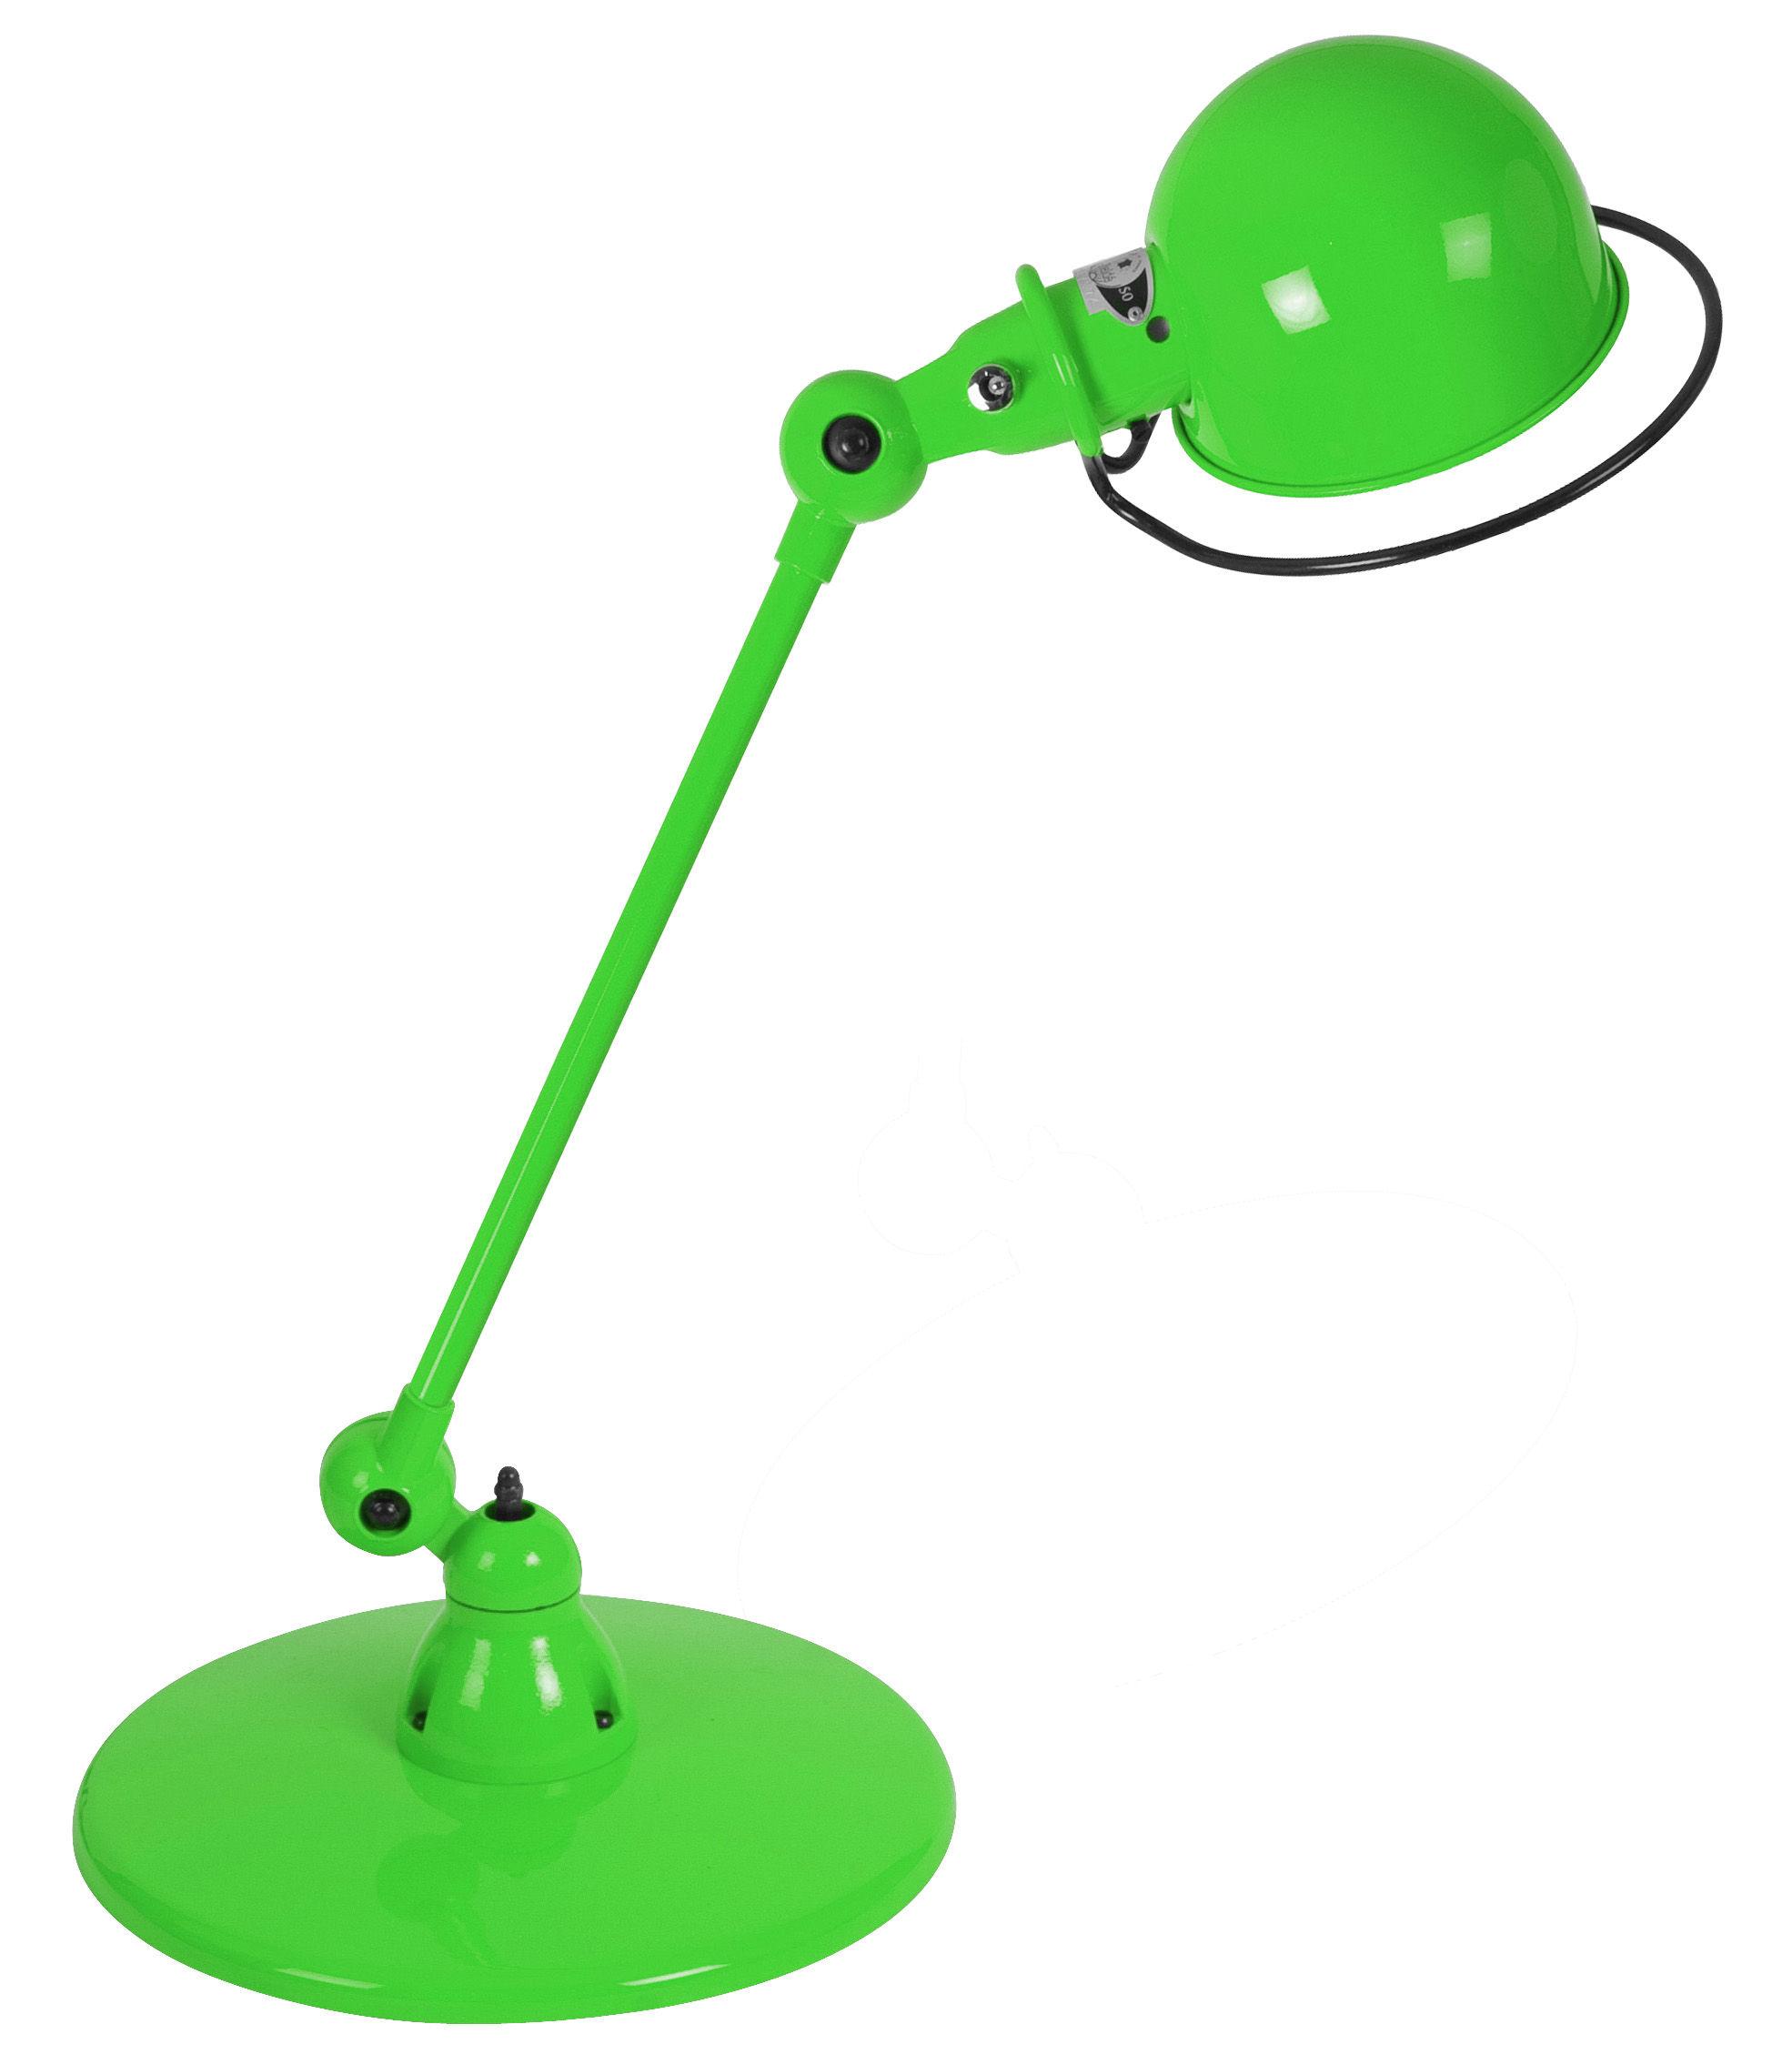 Leuchten - Tischleuchten - Loft Tischleuchte / mit Gelenkarm - L 60 cm - Jieldé - Apfelgrün, glänzend - rostfreier Stahl